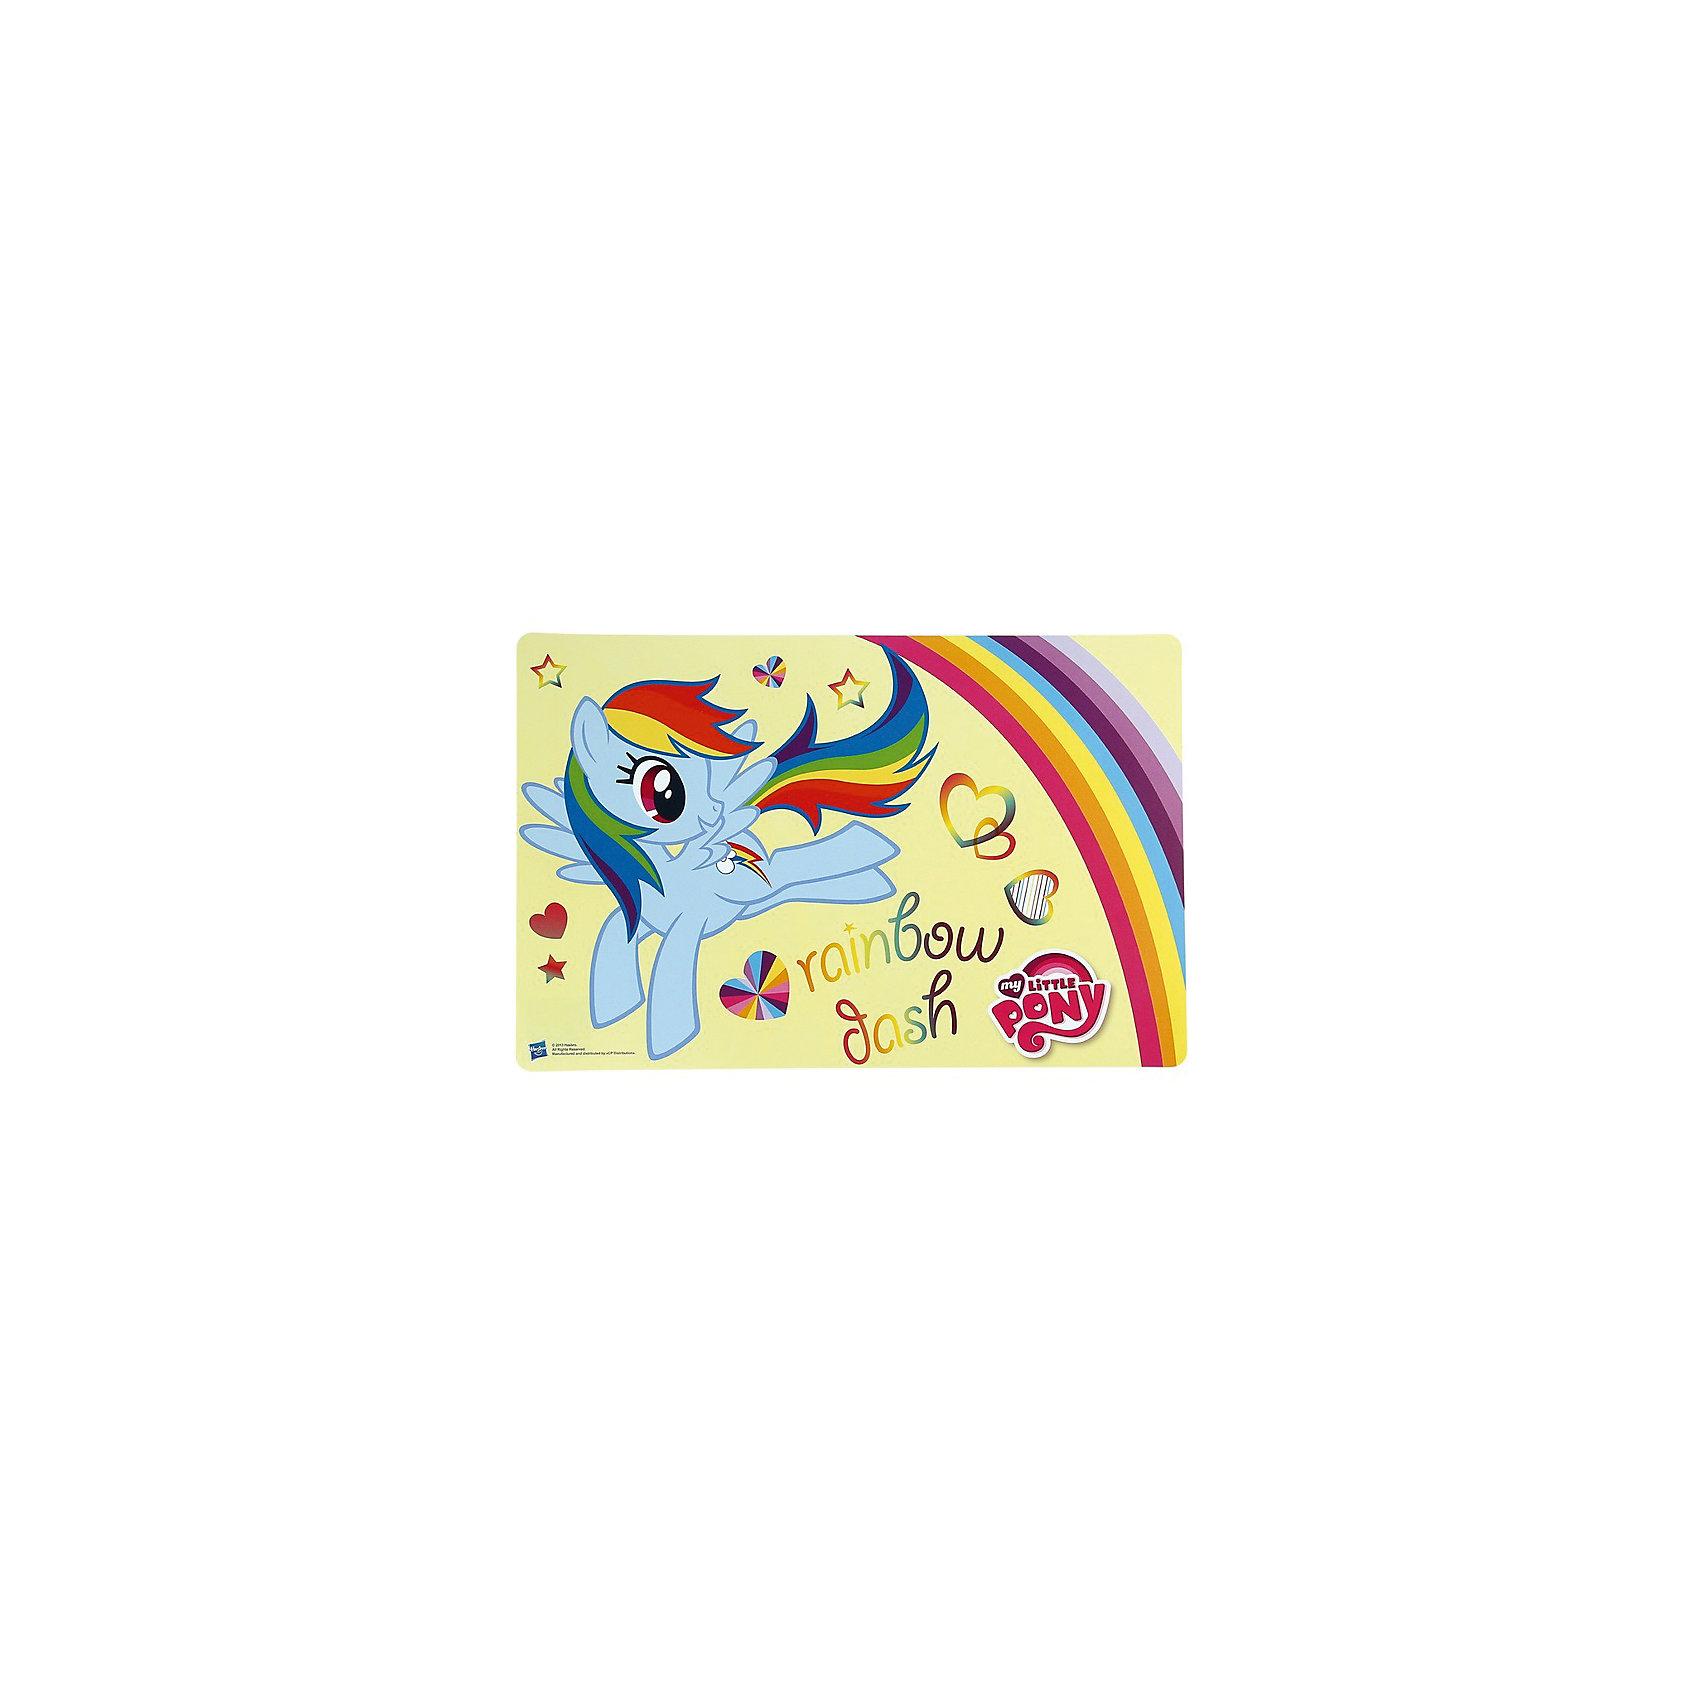 Желтая подставка для посуды, My little PonyЖелтая подставка для посуды, My little Pony (Май литл Пони), защитит стол от загрязнений и повреждений, а для малыша станет забавным ярким аксессуаром. Красочная подставка выполнена в стиле популярного мультсериала Моя маленькая пони и украшена изображением одной из героинь - очаровательной пони Радуги Дэш (Rainbow Dash). Материал представляет собой качественный пищевой пластик, не вызывающий аллергии и безопасный для детского здоровья.<br><br>Дополнительная информация:<br><br>- Материал: пищевой пластик.<br>- Размер: 43 х 28 х 0,1 см.<br>- Вес: 50 гр.<br><br>Желтую подставку для посуды, My little Pony (Май литл Пони), можно купить в нашем интернет-магазине.<br><br>Ширина мм: 430<br>Глубина мм: 280<br>Высота мм: 1<br>Вес г: 50<br>Возраст от месяцев: 36<br>Возраст до месяцев: 168<br>Пол: Женский<br>Возраст: Детский<br>SKU: 4093861